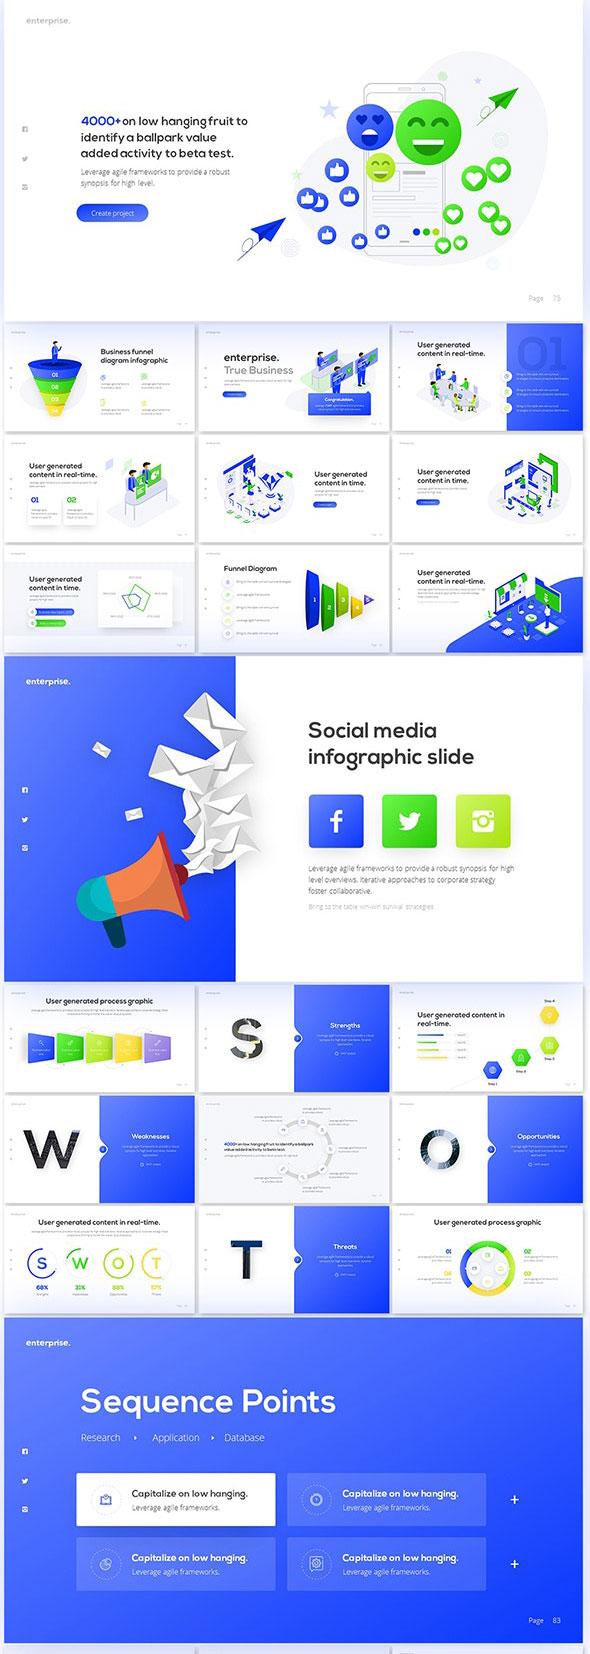 强大简约蓝色企业业务报表计划书PPT演示文稿设计模板 Enterprise Business PowerPoint Presentation Template插图(2)